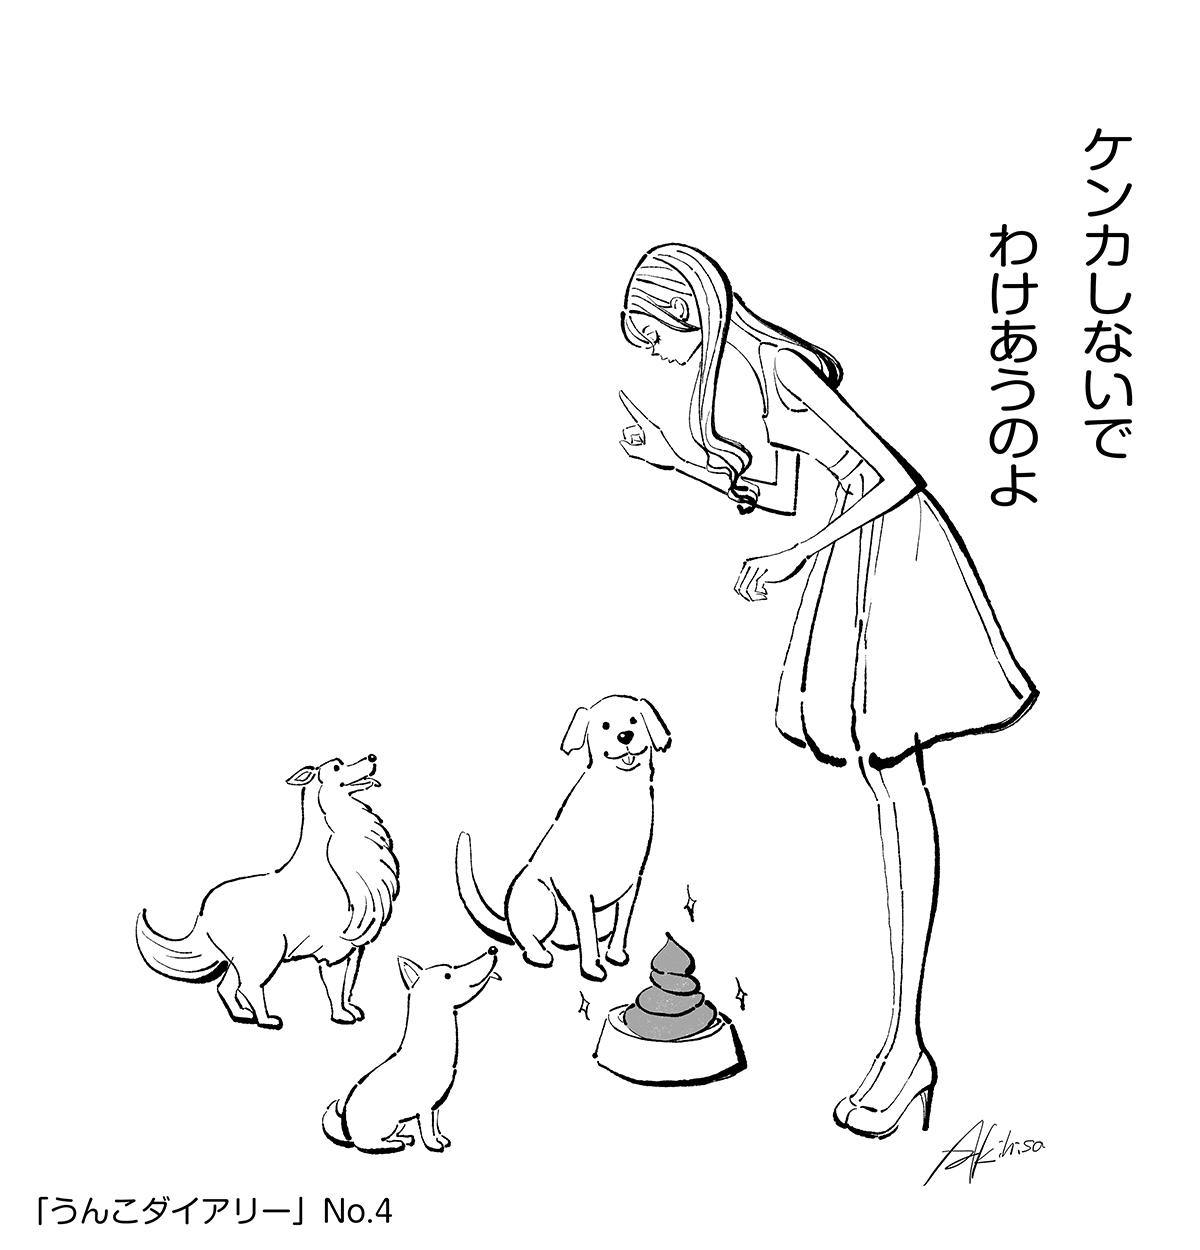 犬に餌をあげている女性のイラスト